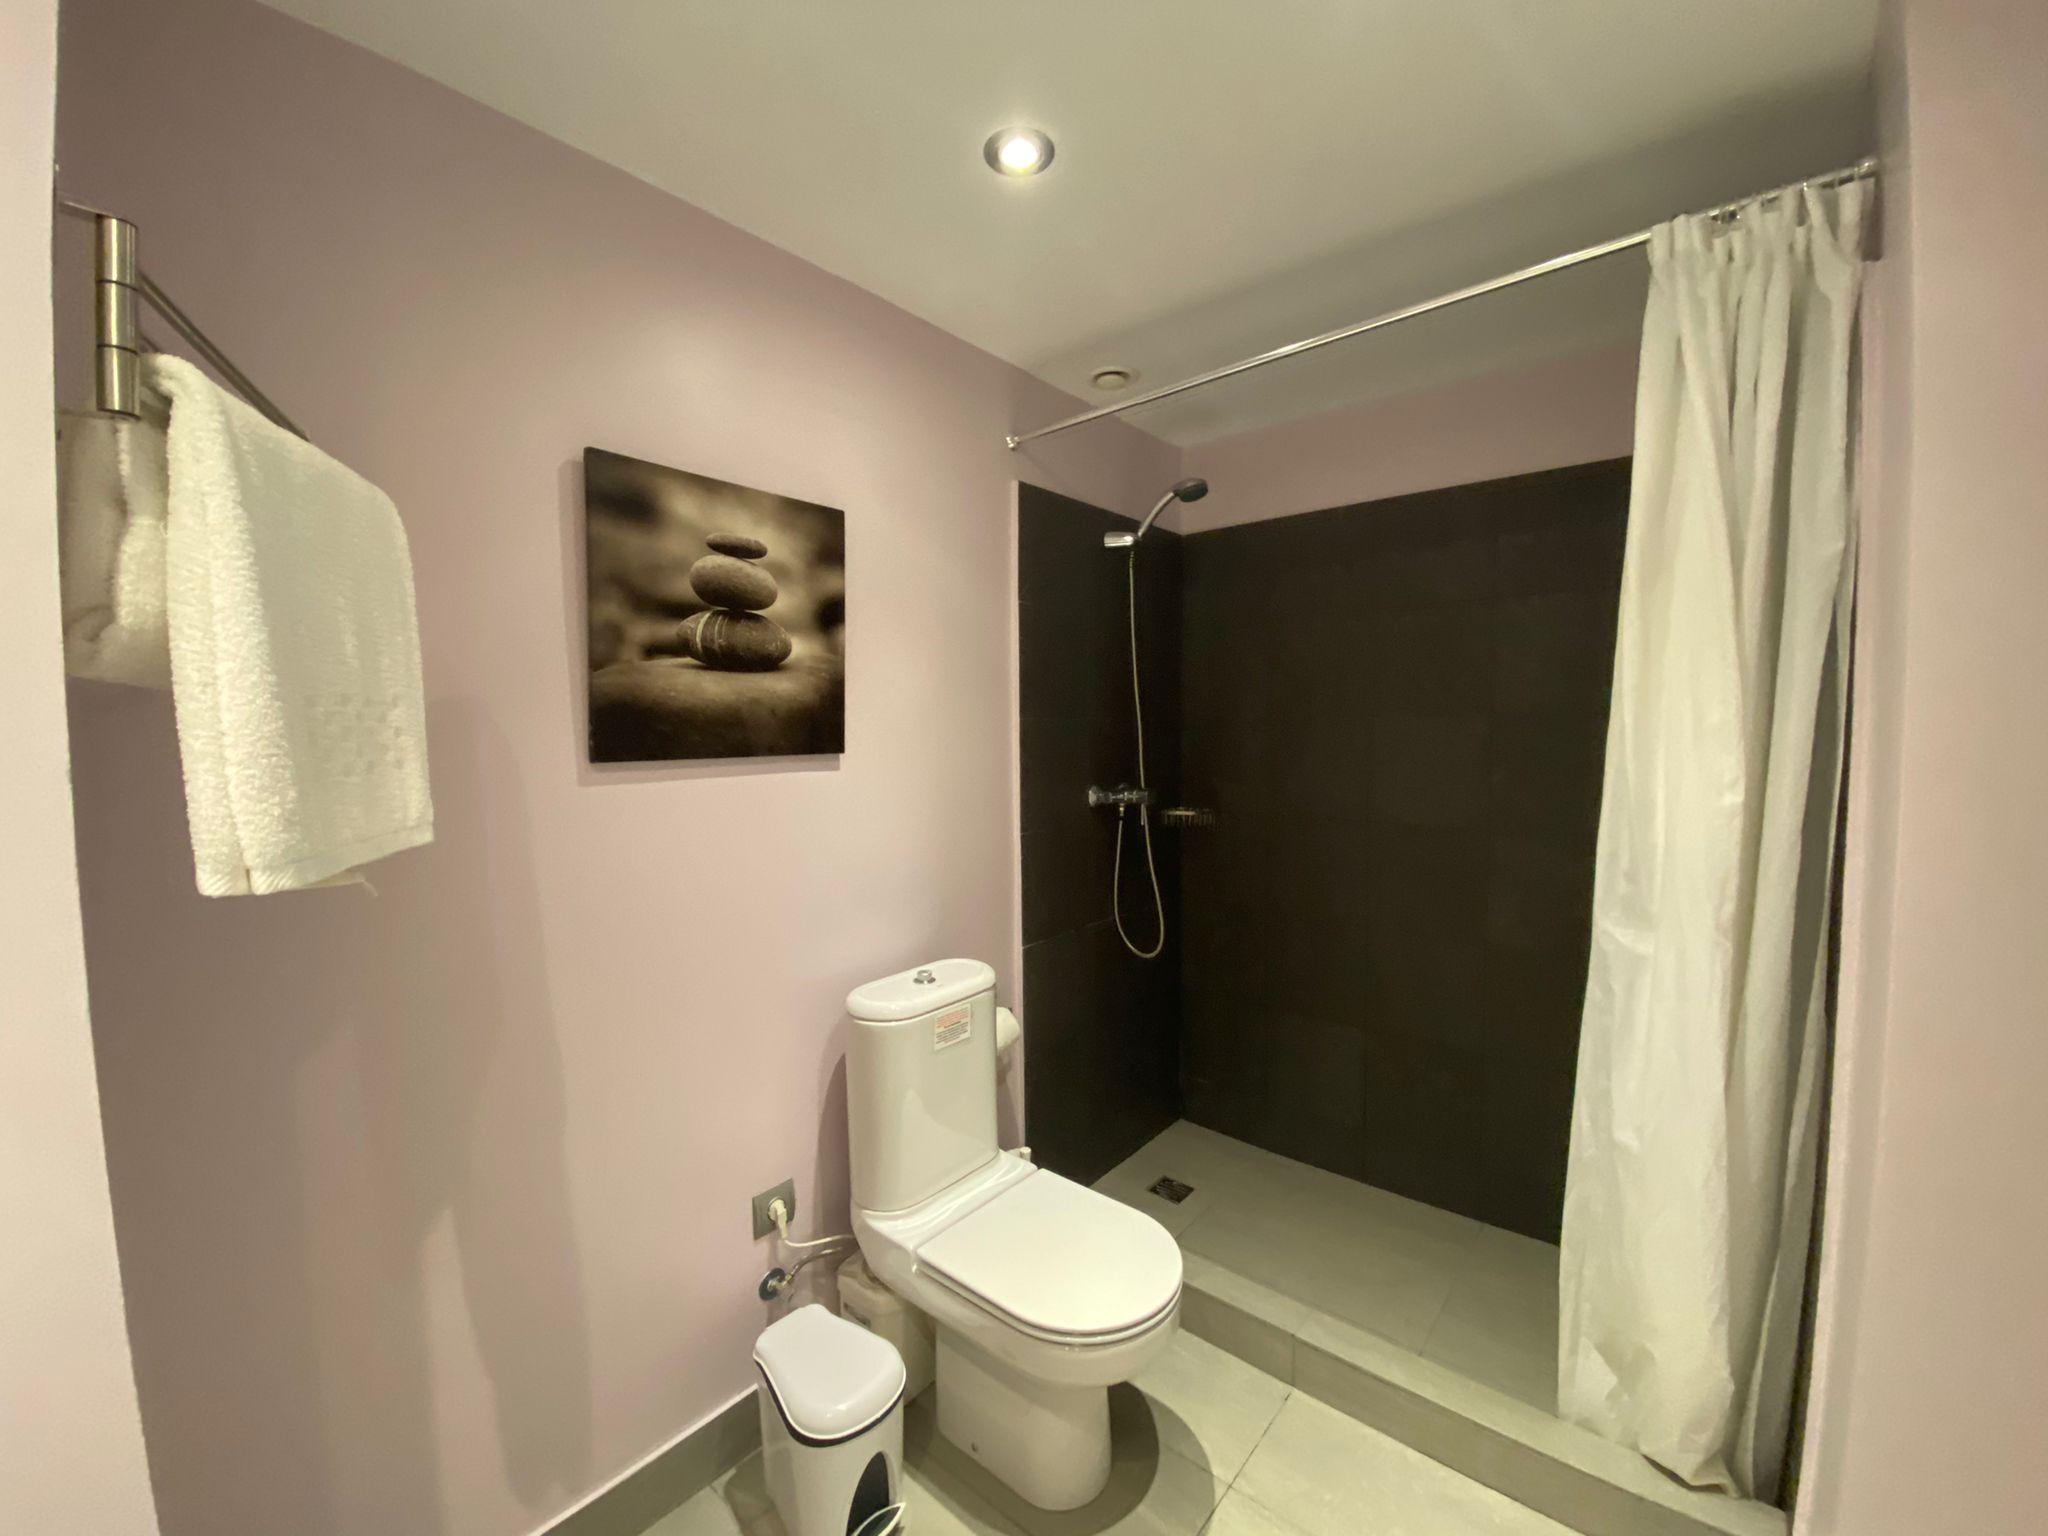 Imagen 30 del Apartamento Turístico, Ático 7 Central (3d+2b), Punta del Moral (HUELVA), Paseo de la Cruz nº22